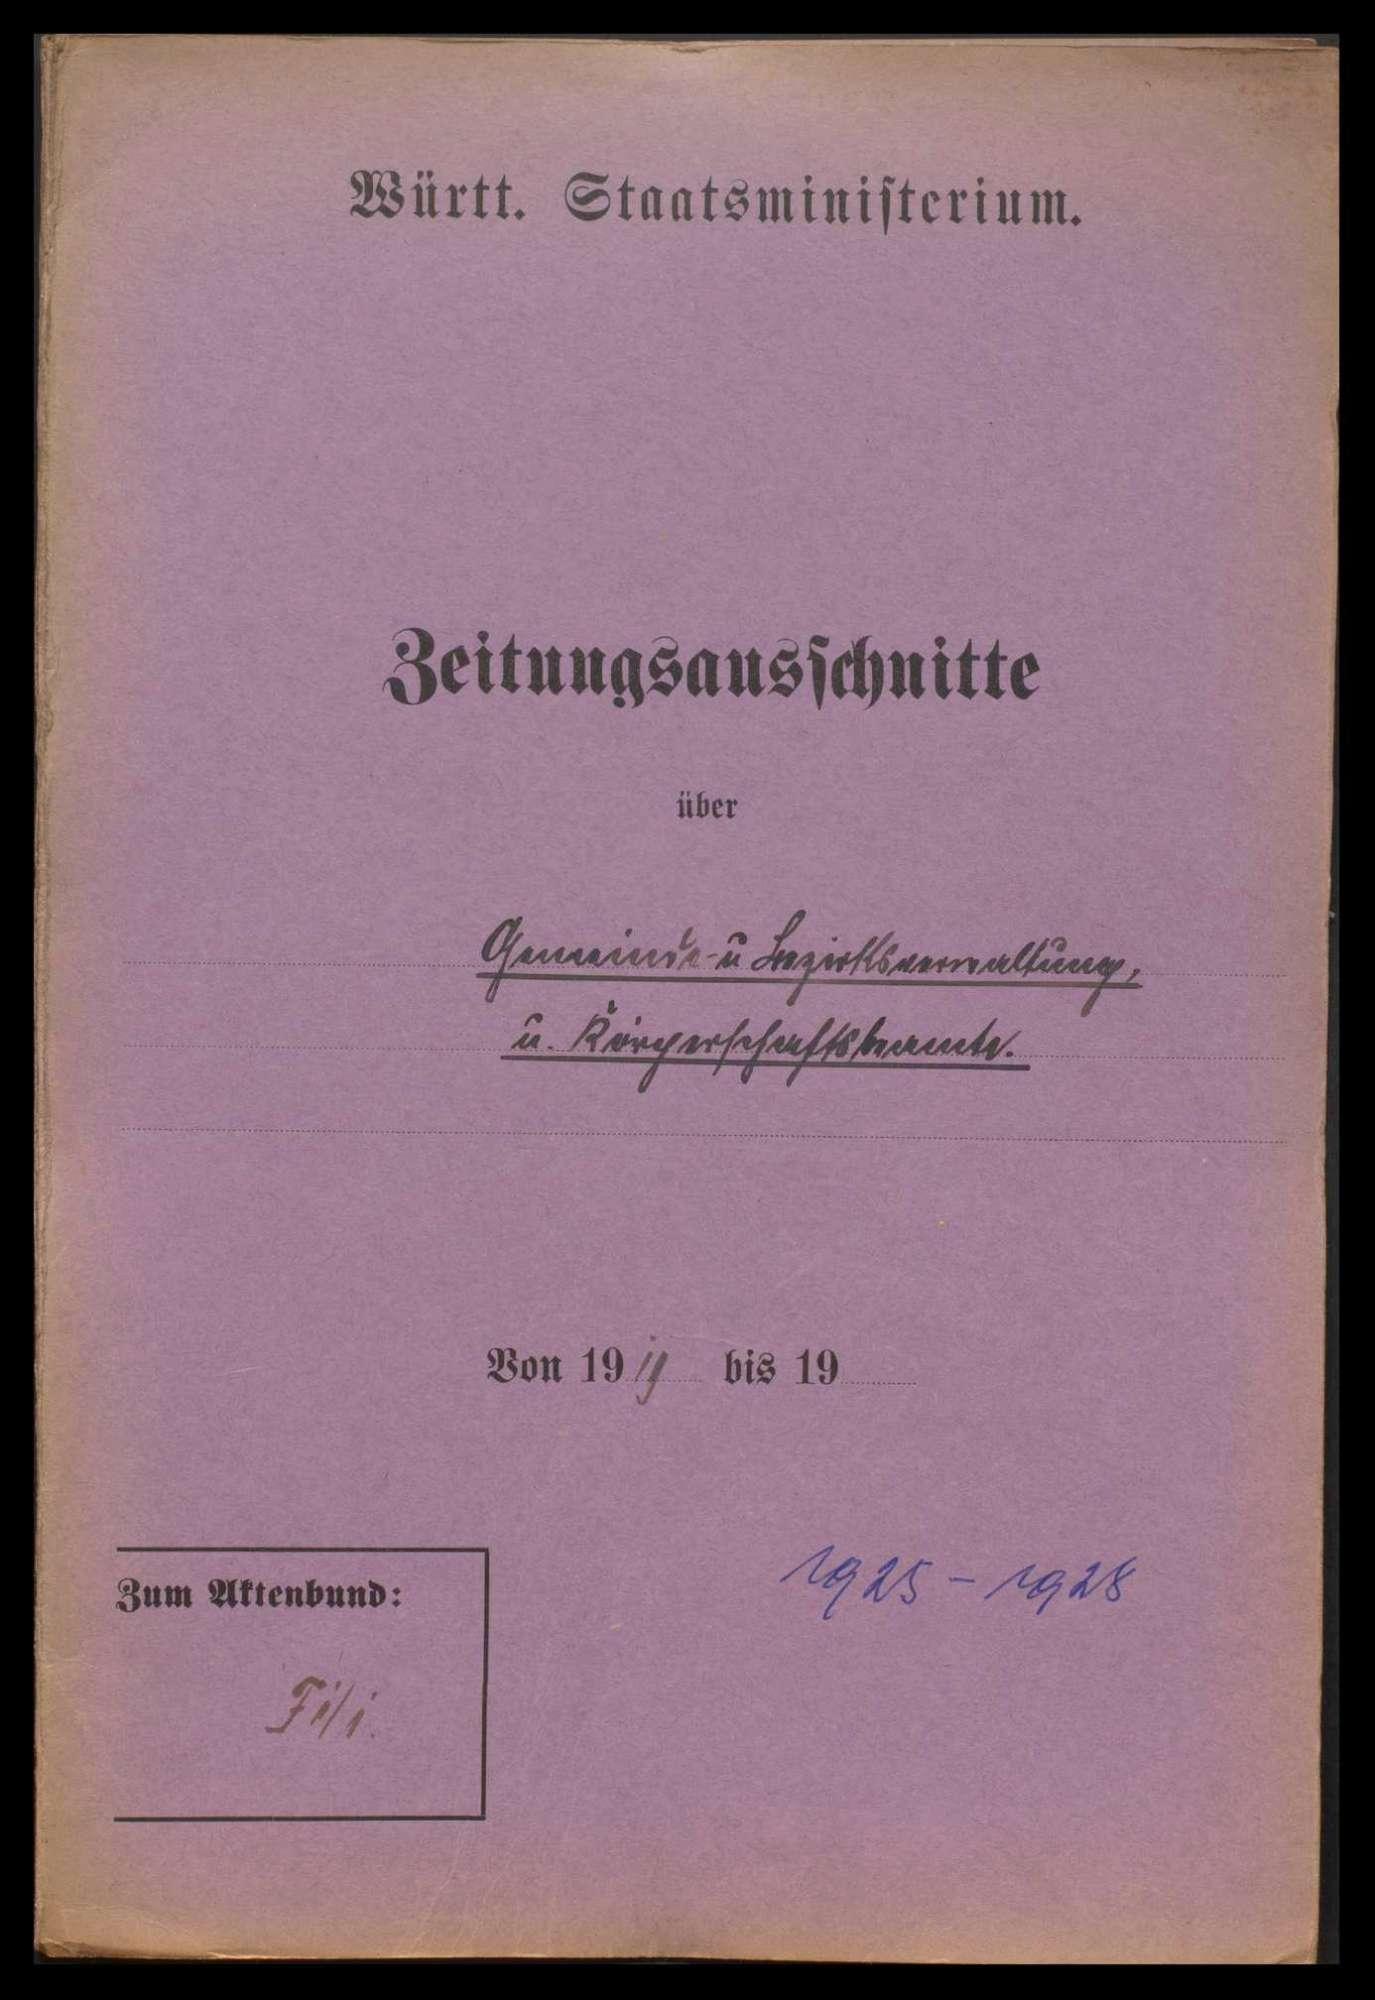 Allgemeine Fragen, Eingaben über die finanzielle Lage der Gemeinden und Oberämter (Kreise), Verleihungen der Stadteigenschaft (Einzelfälle), Bild 2